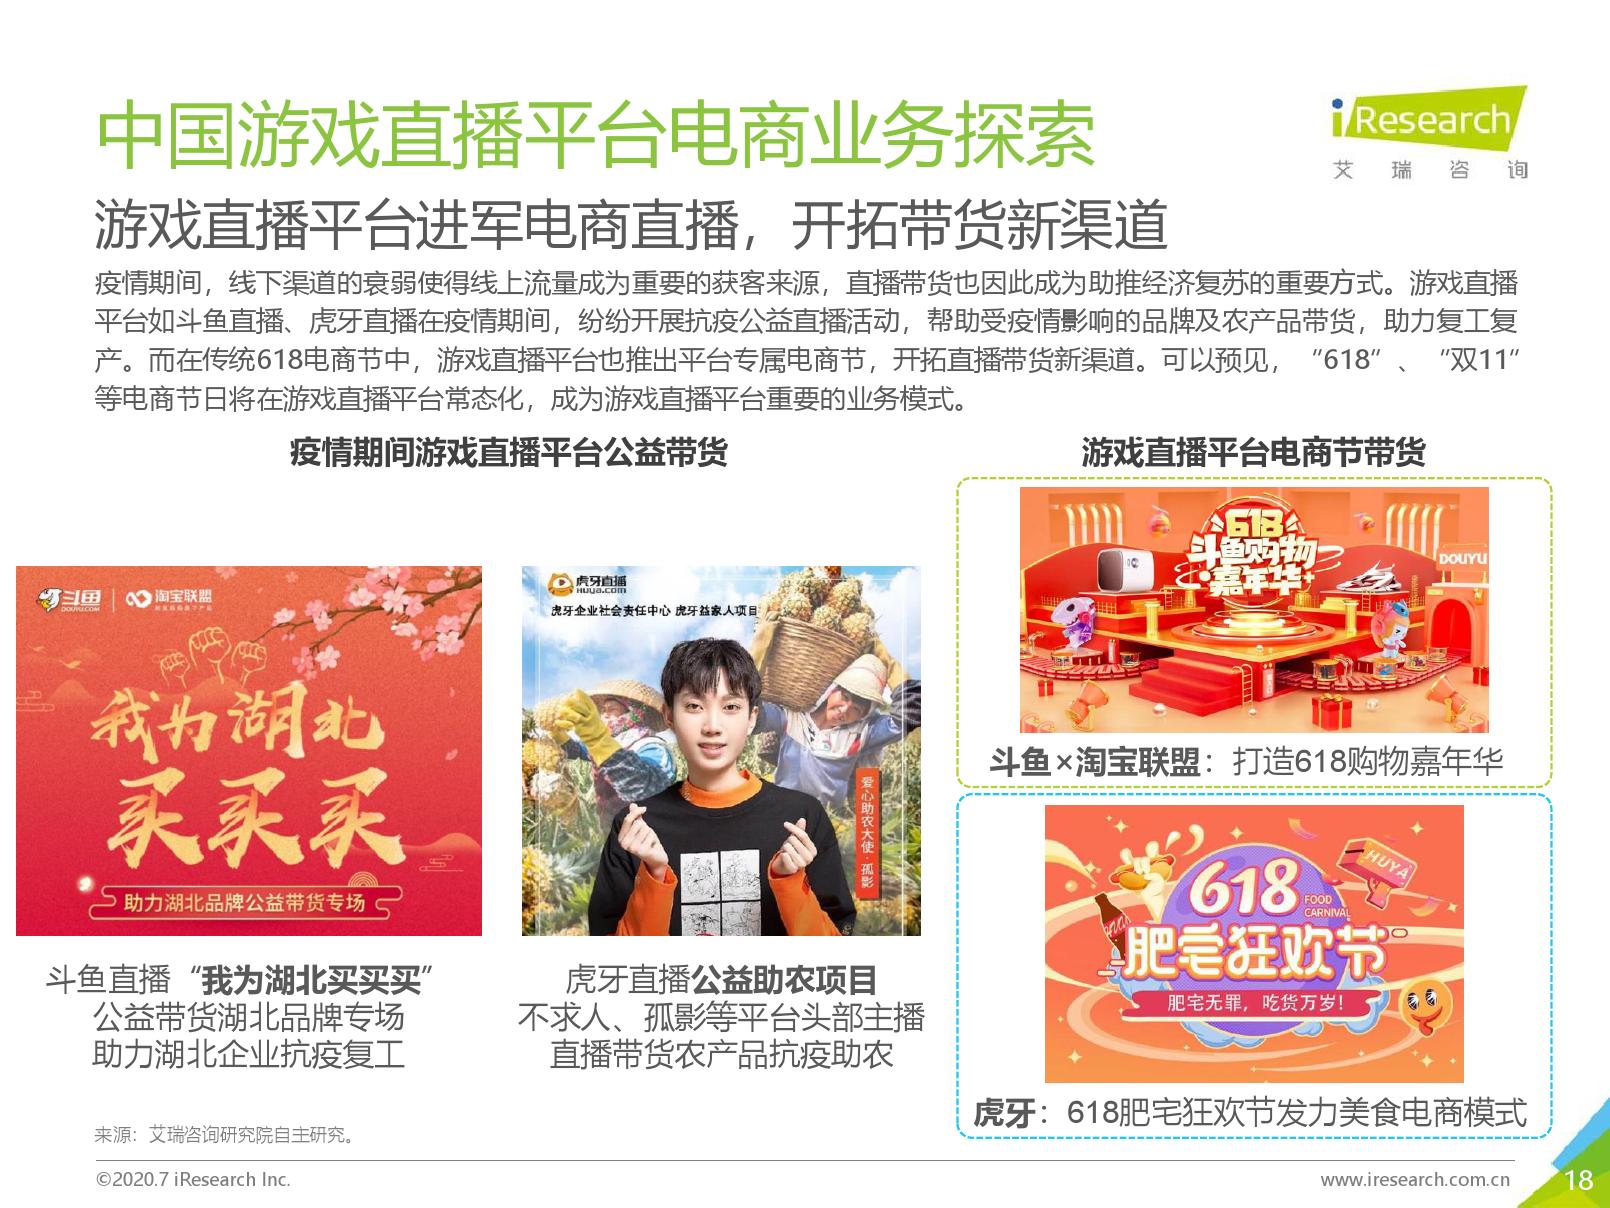 艾瑞咨询:2020年中国游戏直播行业研究报告(可下载报告)插图(35)